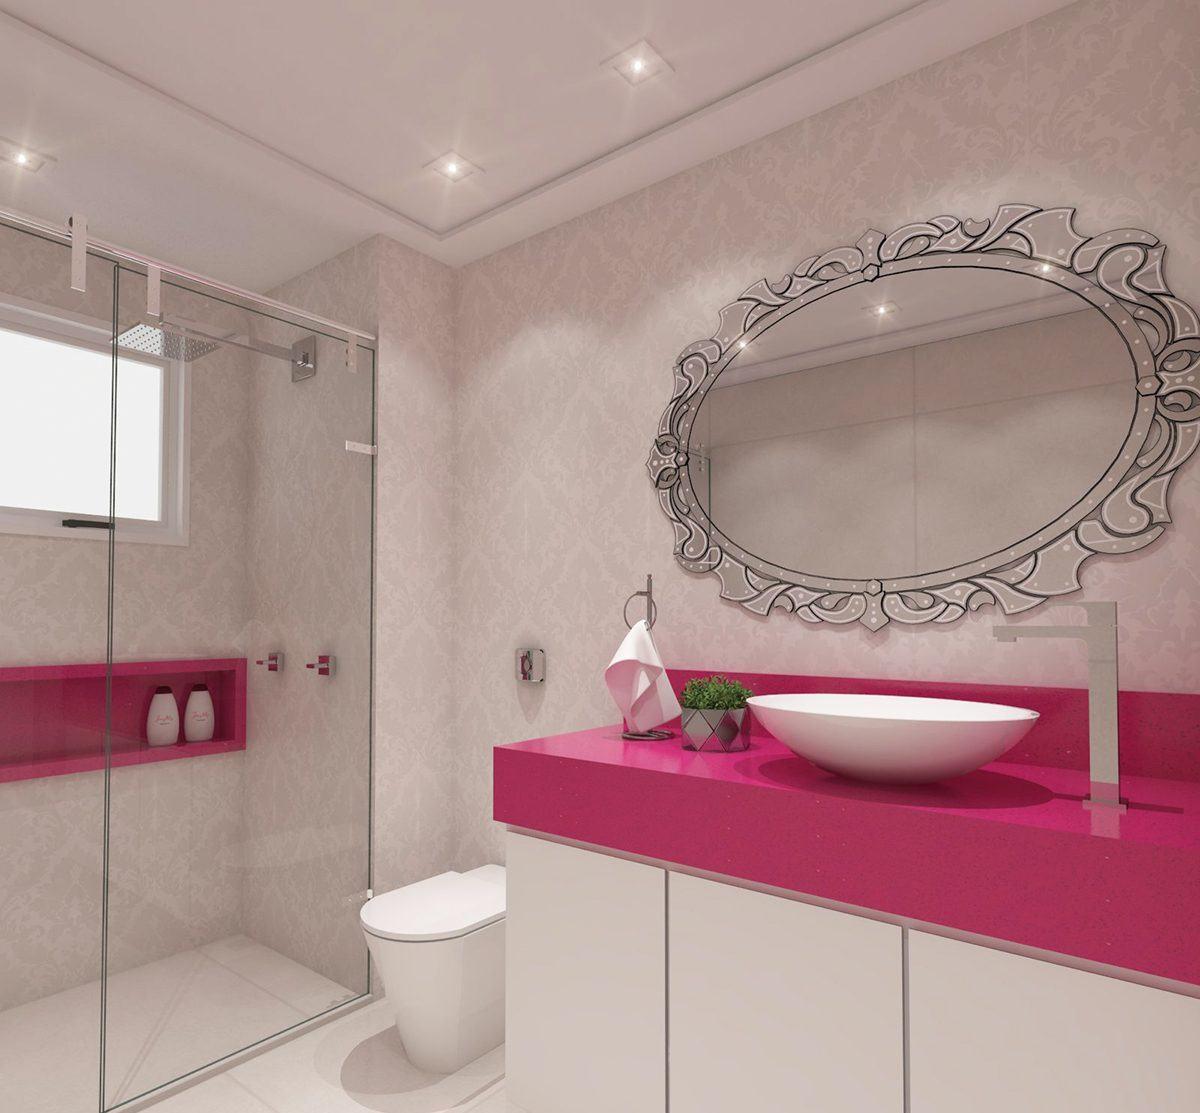 Banheiro Rosa 60+ Modelos & Fotos de Decoração -> Banheiro Pequeno Decorado Rosa